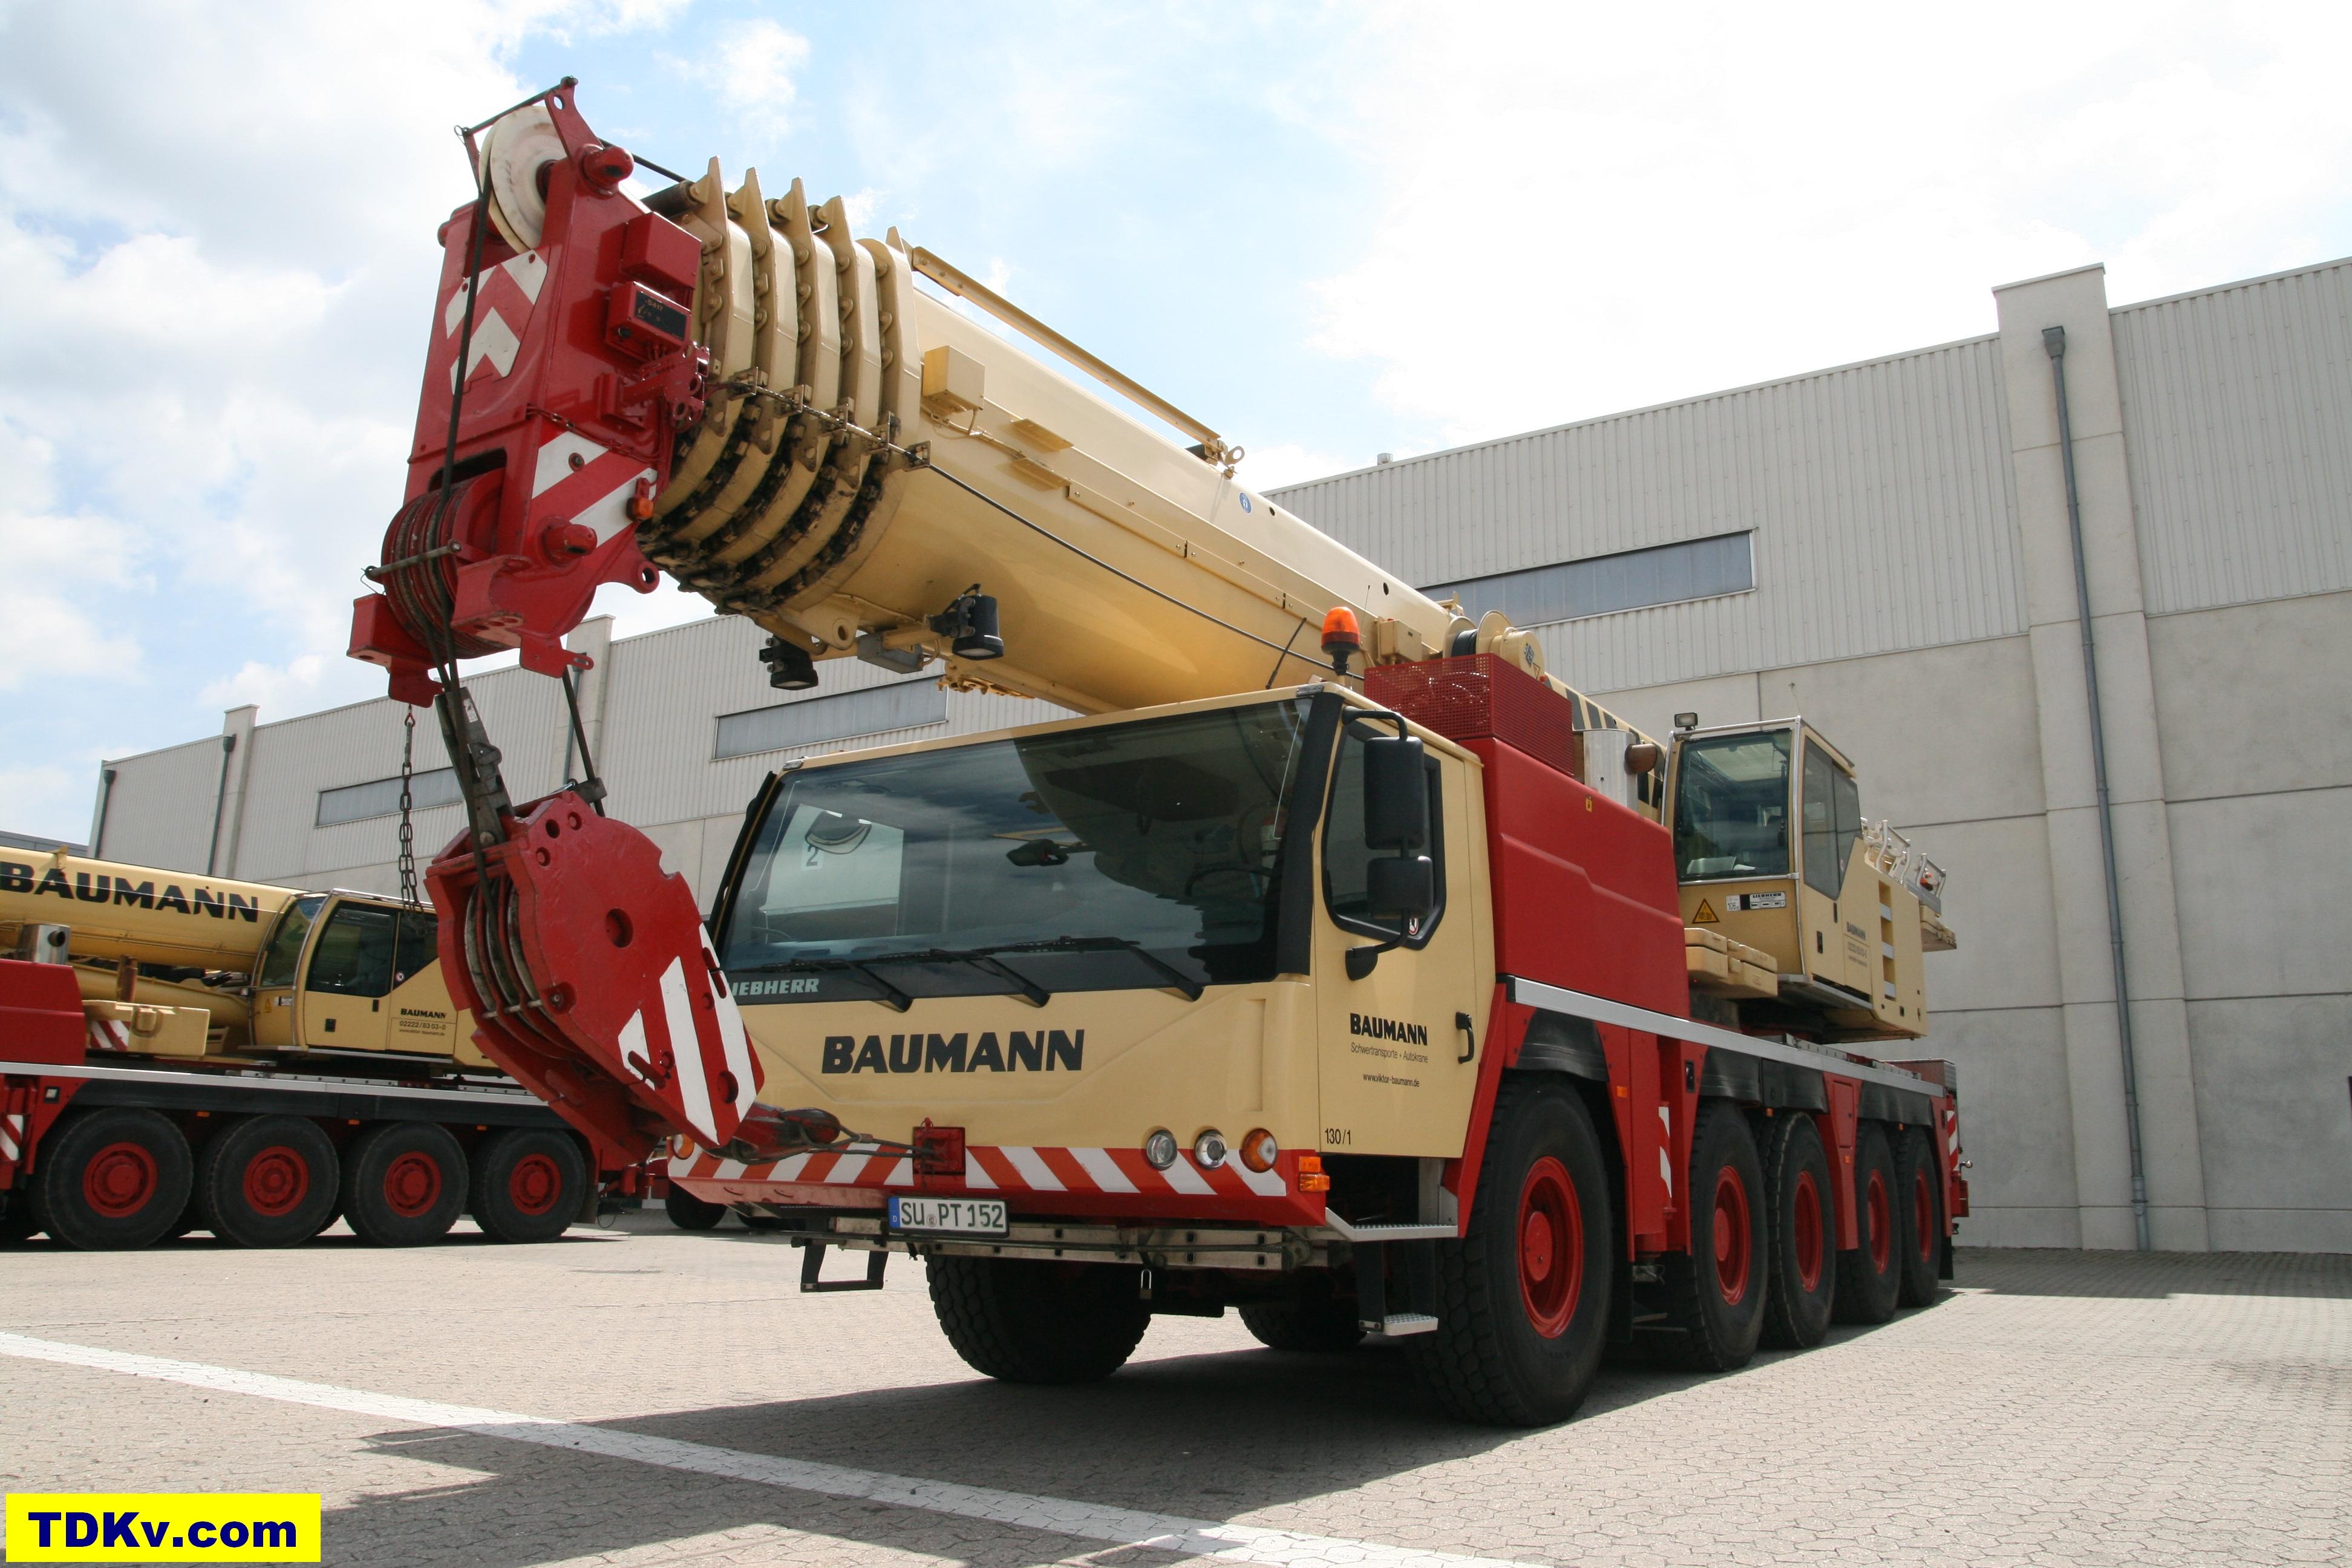 Baumann LTM 1130-5.1